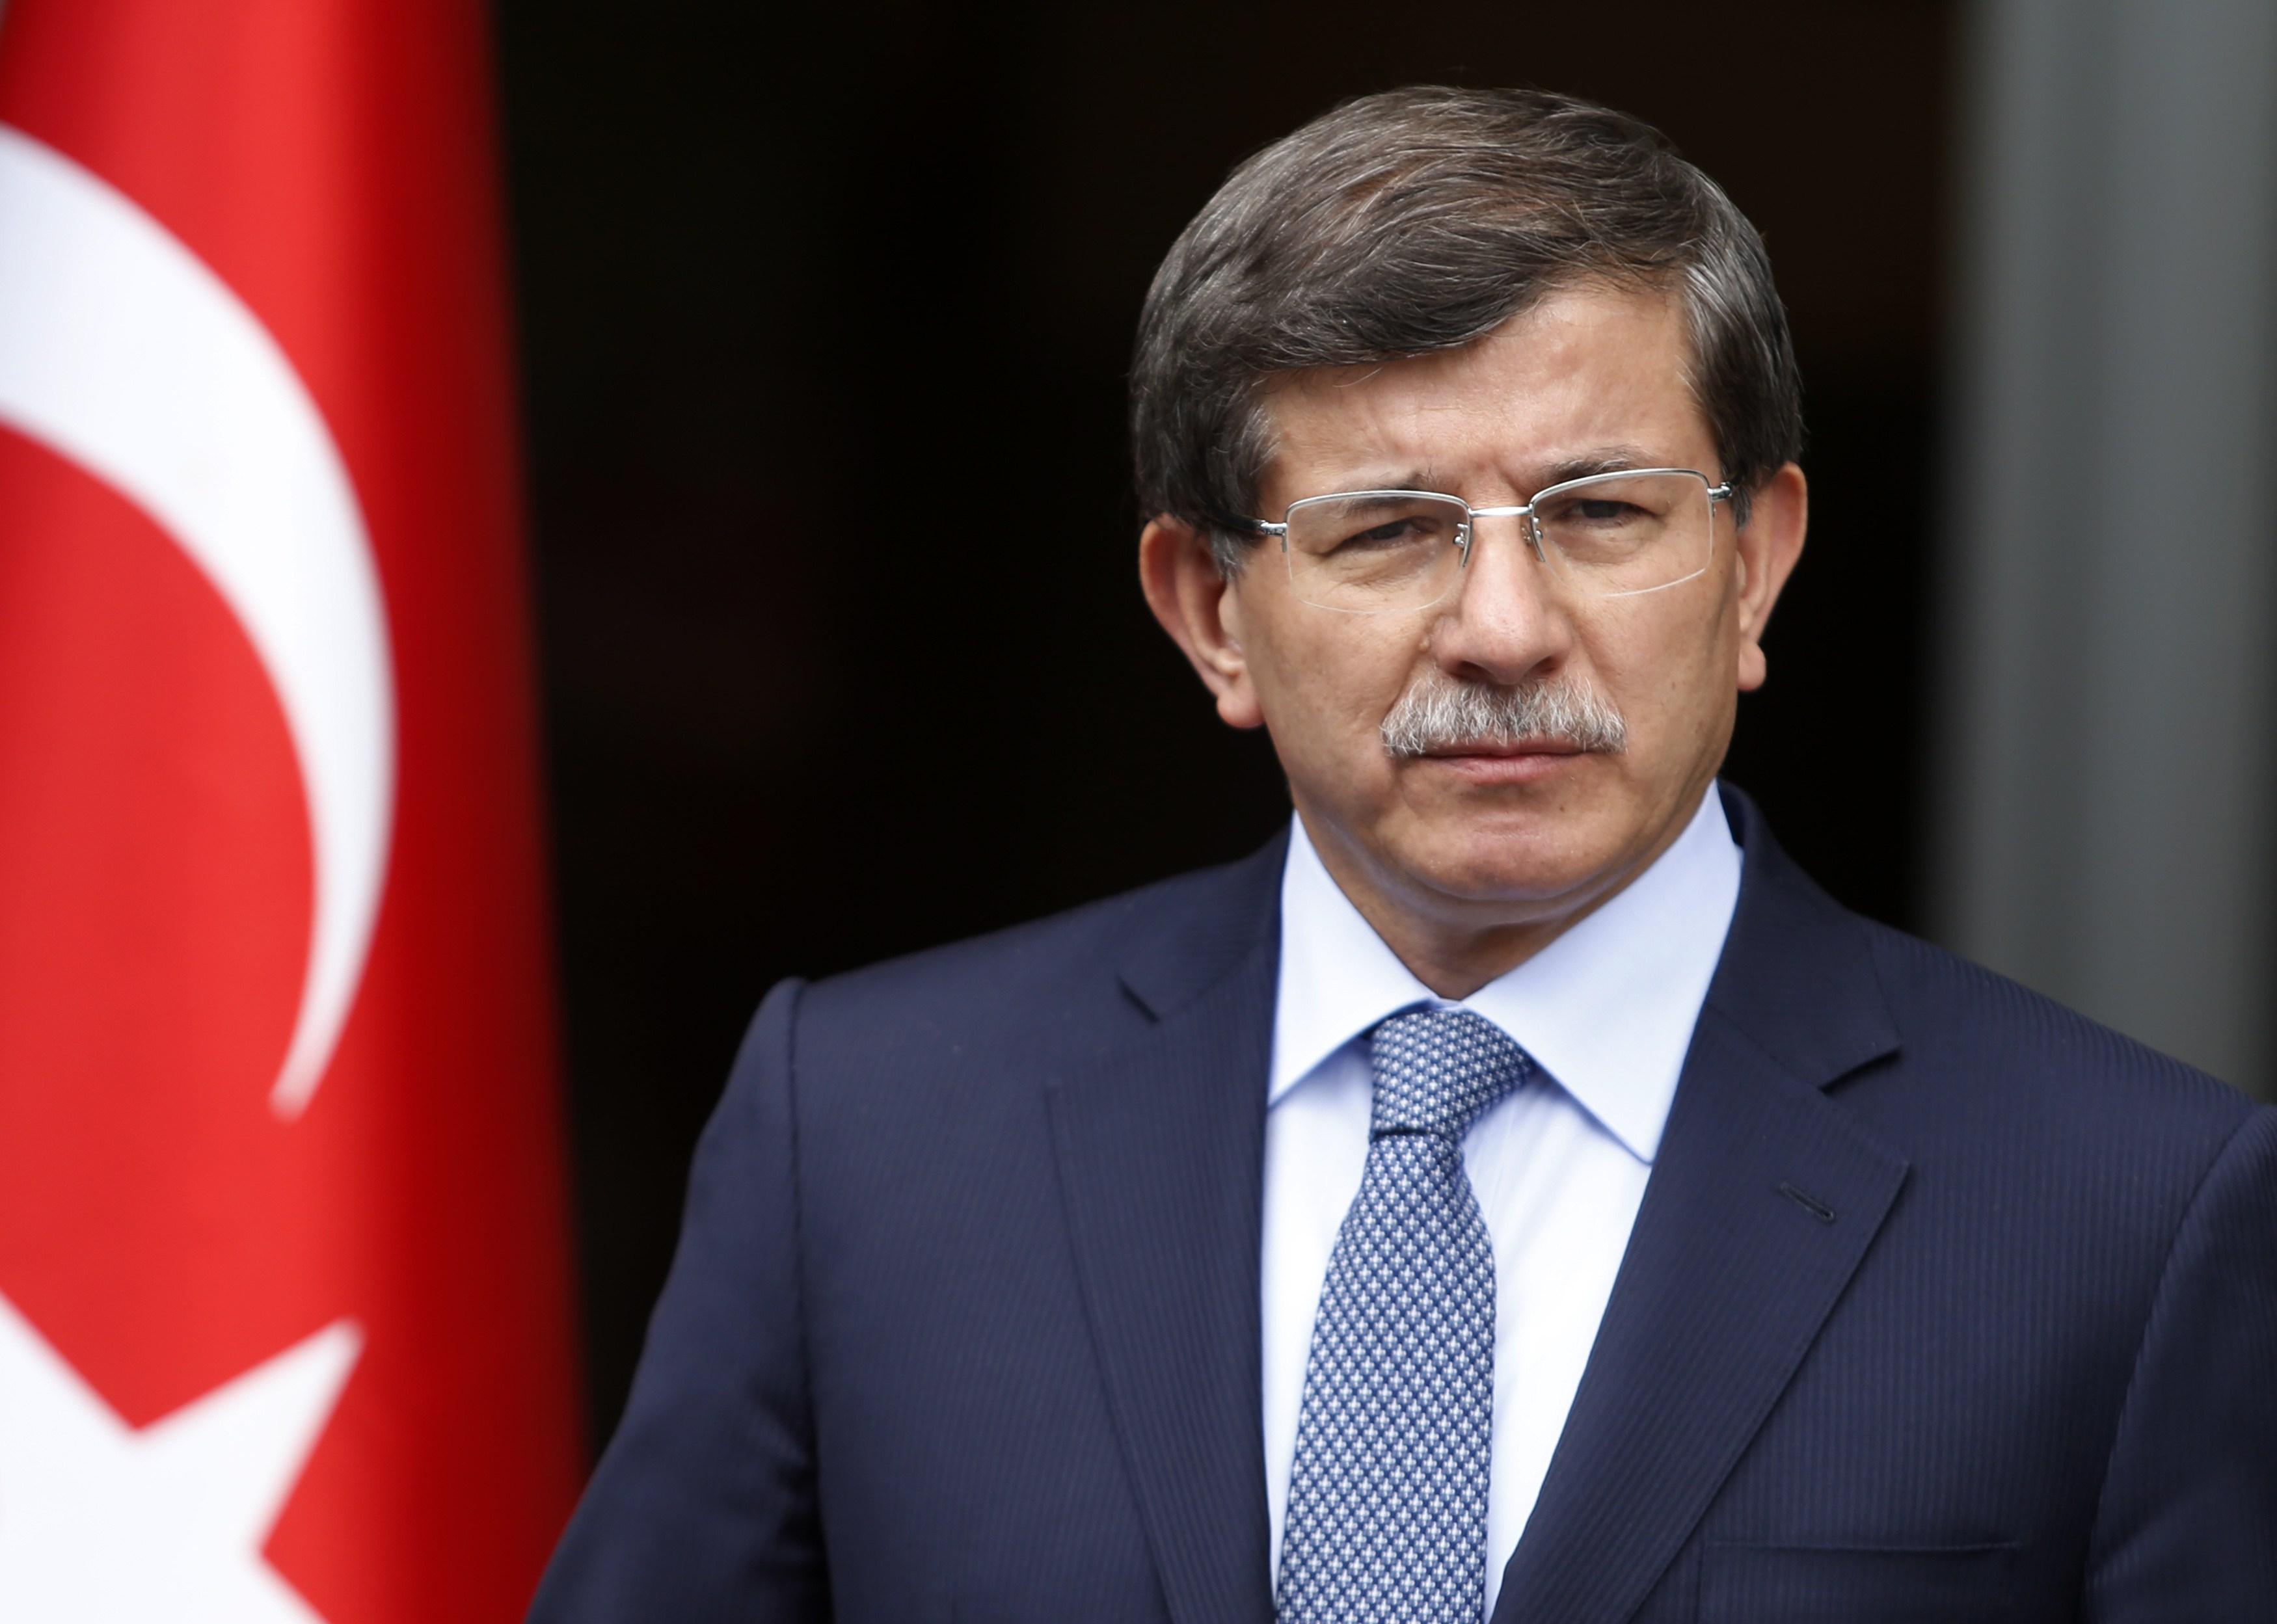 داود أوغلو: حق تركيا في تنفيذ